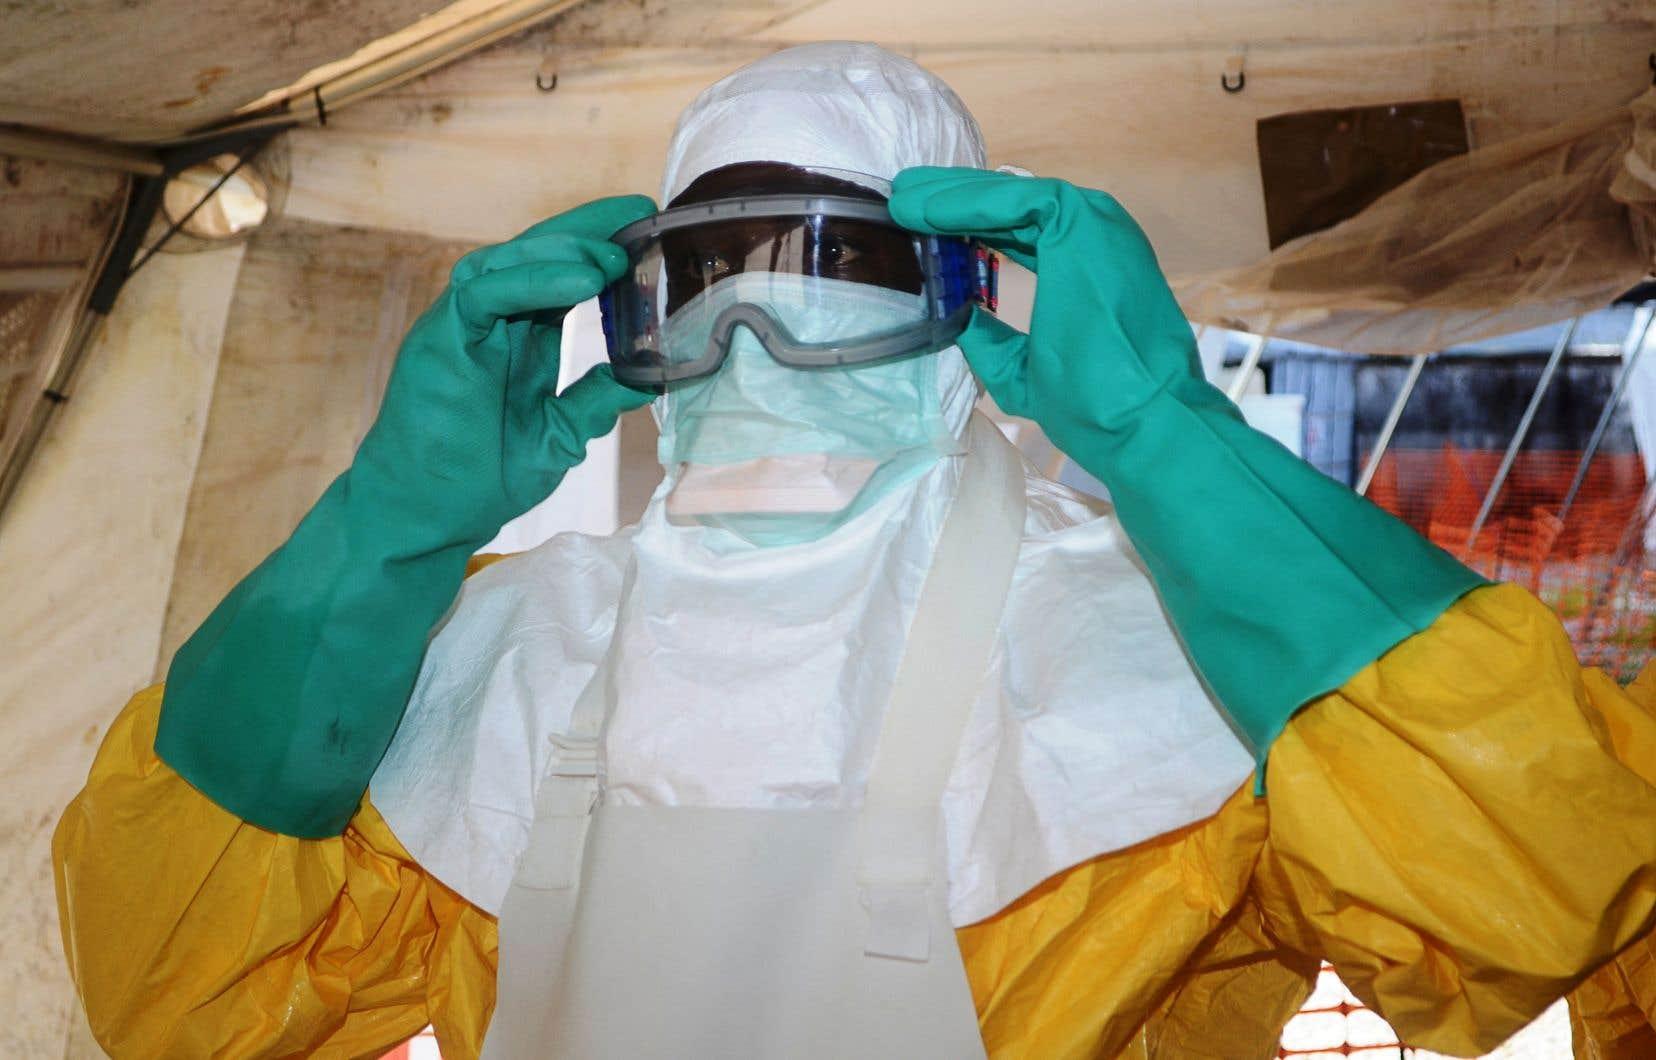 En Guinée, ou veut éviter de répéter le scénario catastrophe de l'épidémie de 2013-2016, qui avait fait plus de 11 000 morts en Afrique de l'Ouest.